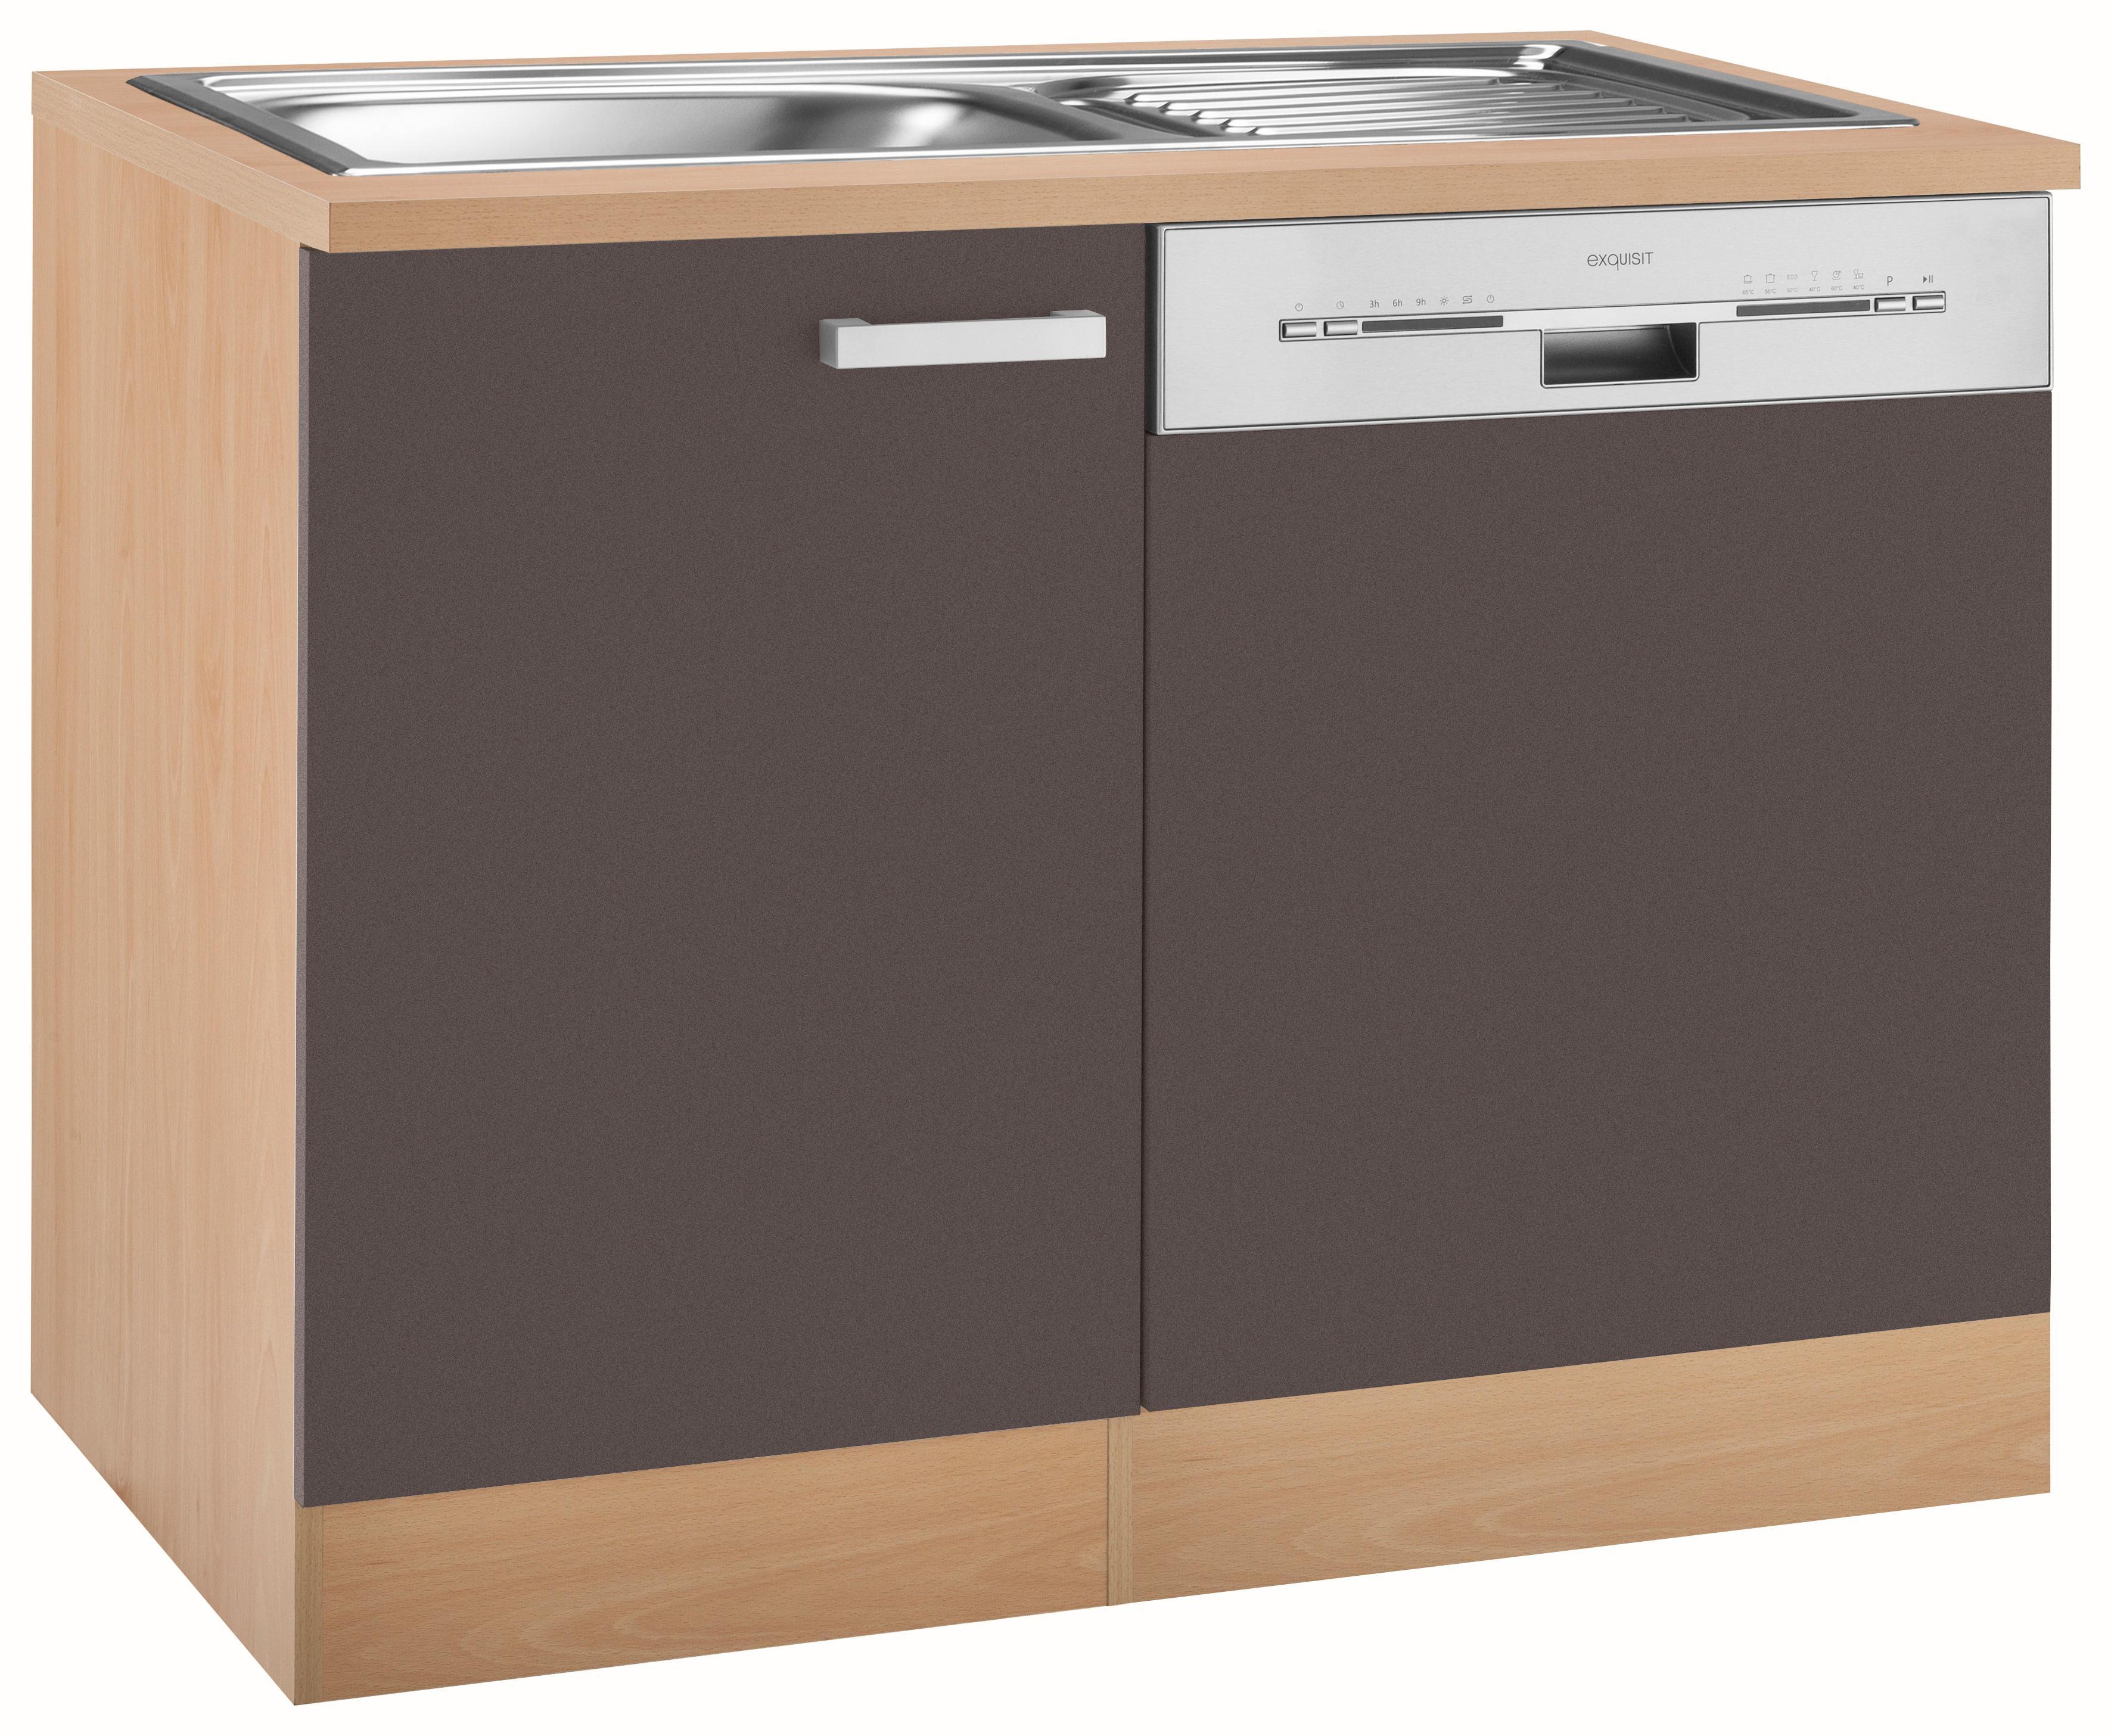 Bomann Mini Kühlschrank Unold : Haushalt online günstig kaufen über shop24.at shop24